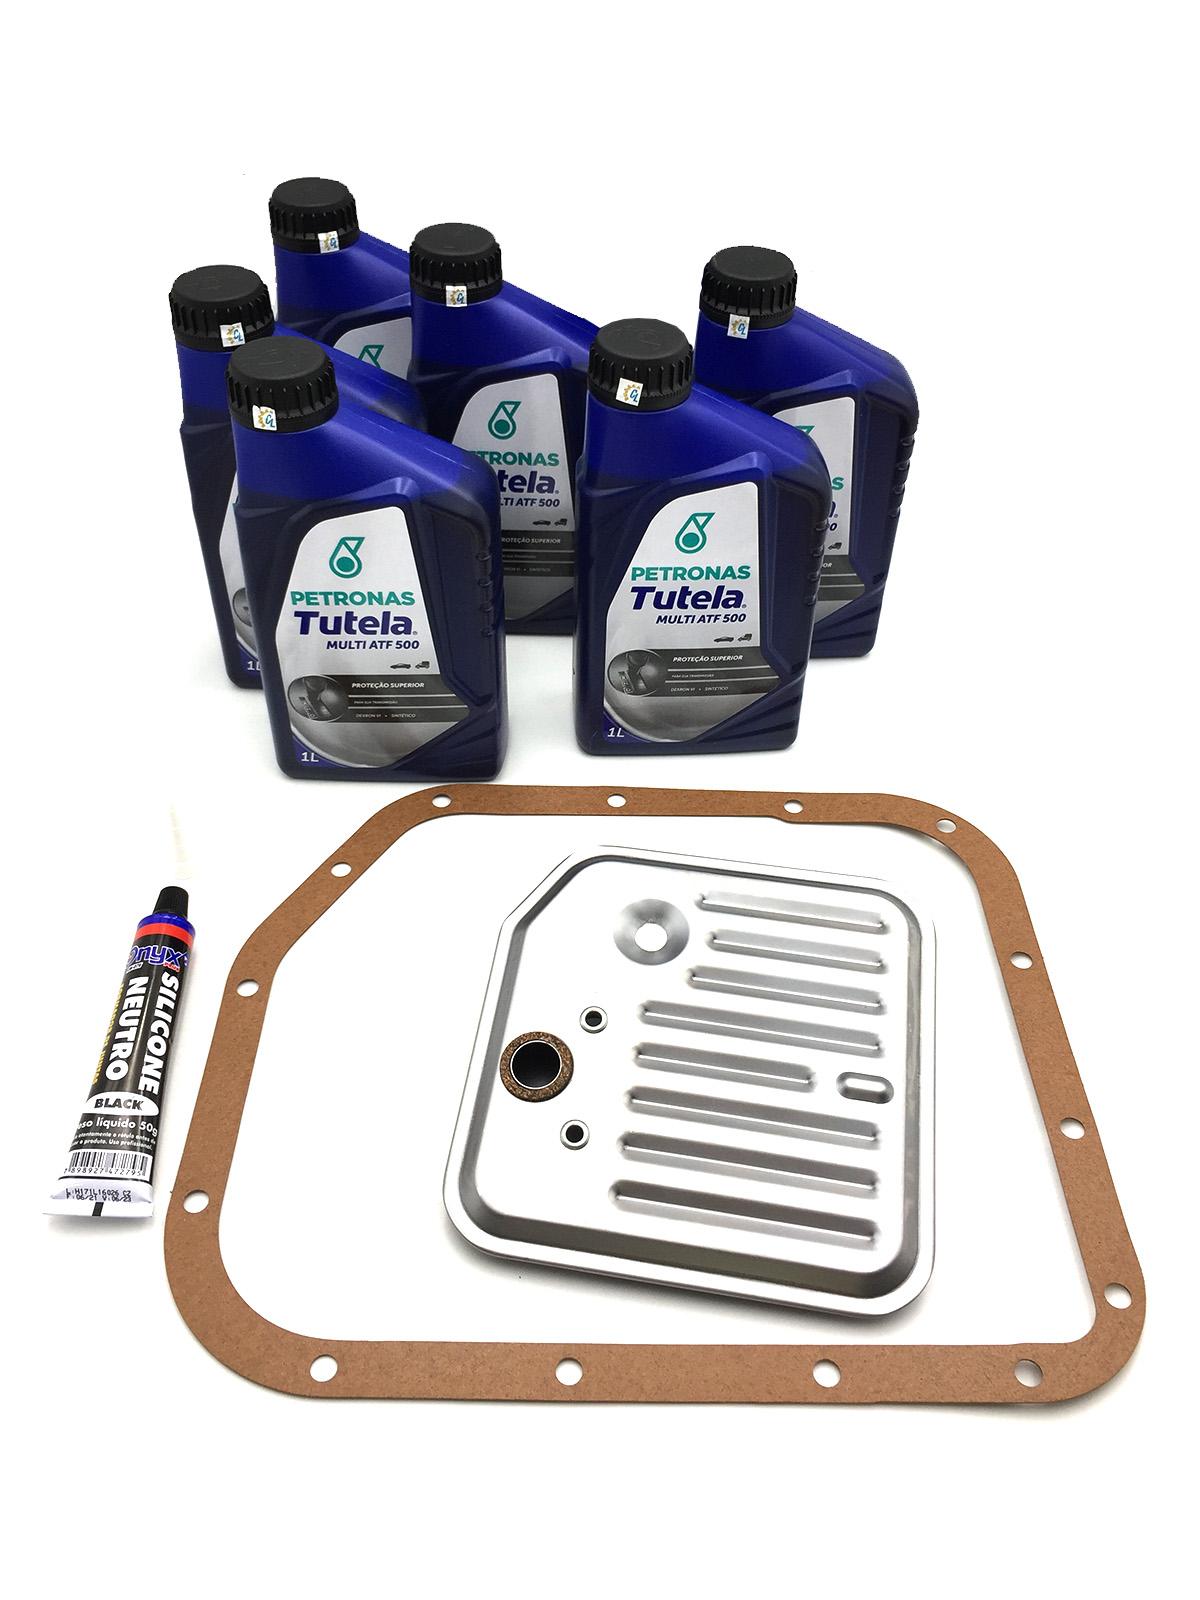 Kit Troca de Óleo Petronas Tutela Multi ATF 500|Dexron VI (06 Lts.) com Filtro de Óleo - Câmbio A500 - Jeep